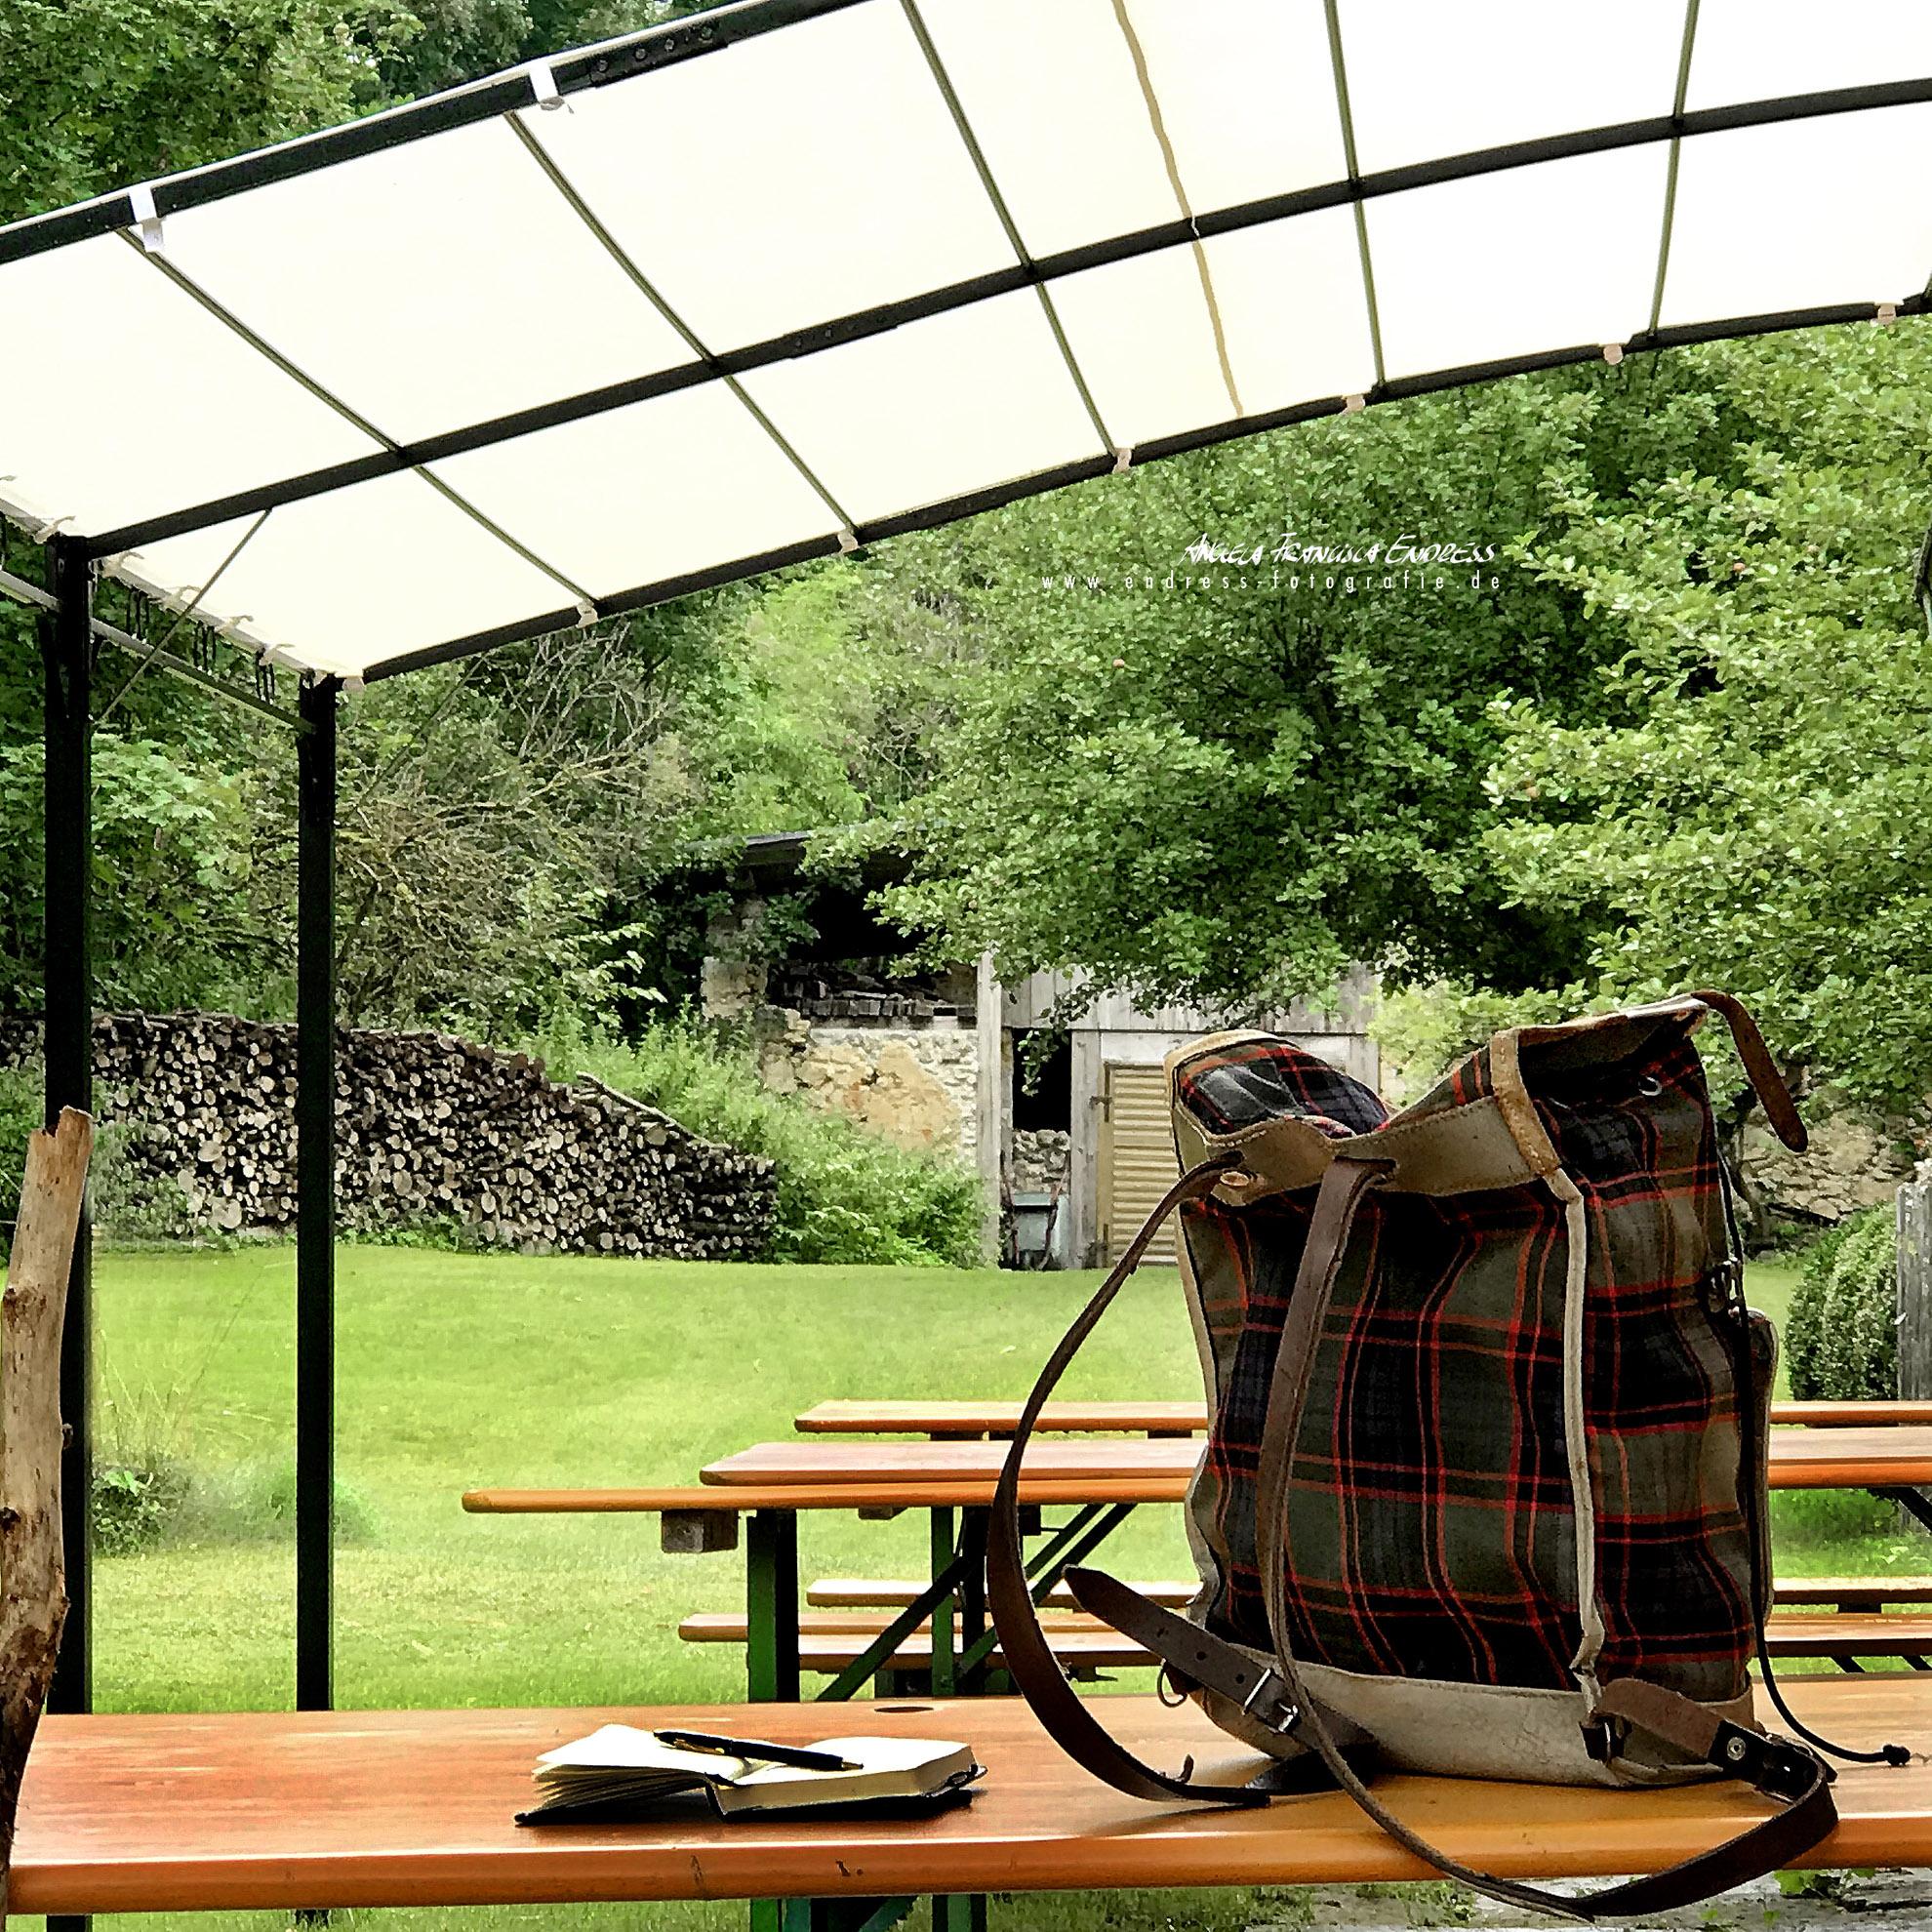 mein Rucksack auf den Bierbänken am Forsthaus Schweigelberg